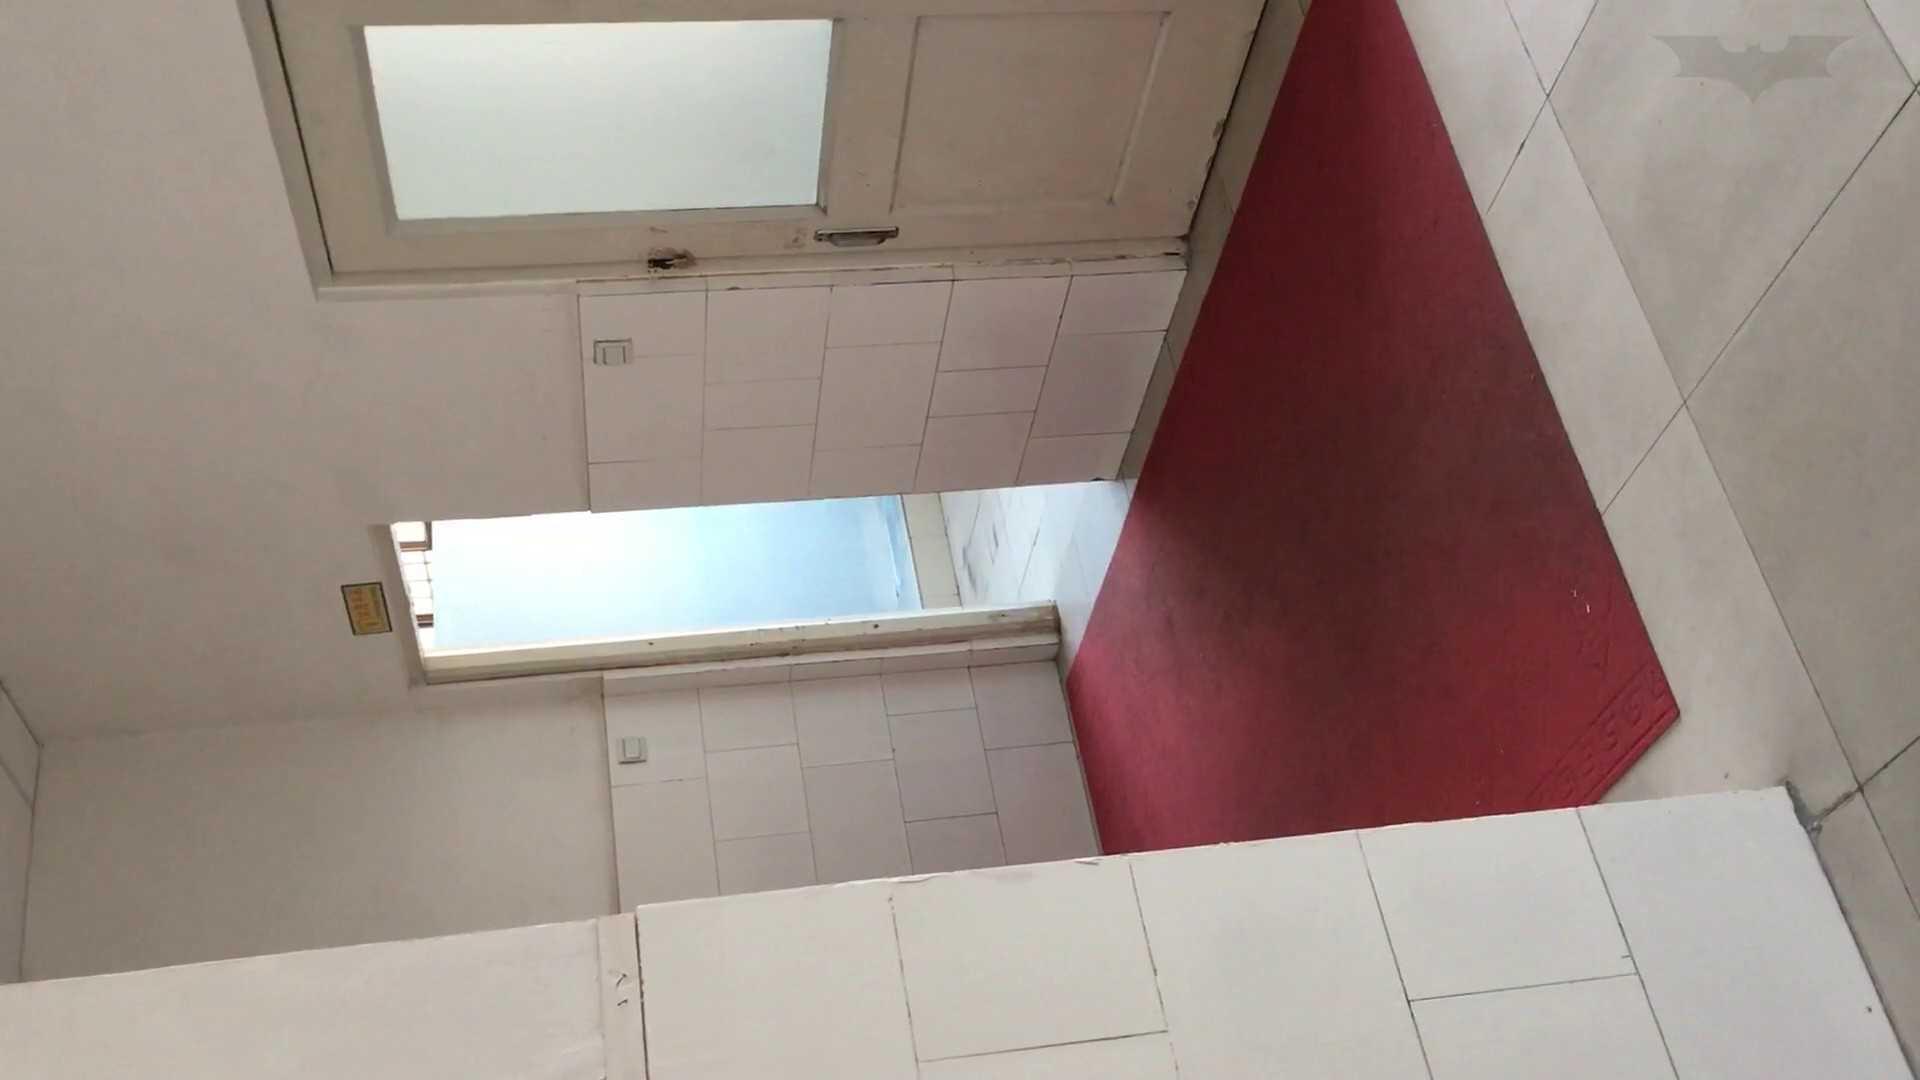 芸術大学ガチ潜入盗撮 JD盗撮 美女の洗面所の秘密 Vol.84 美女のボディ | OLのボディ  54PIX 31